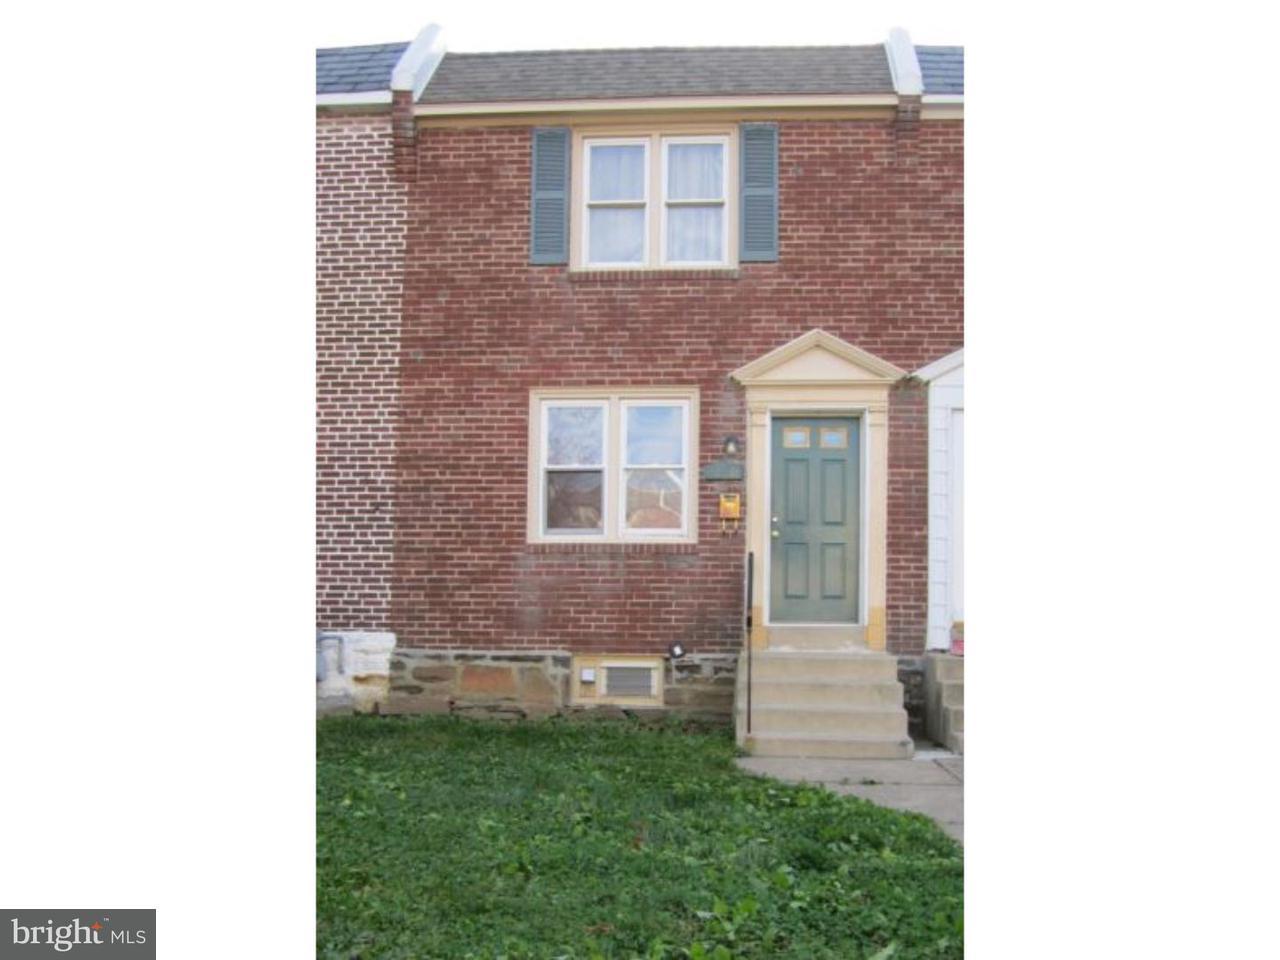 Casa unifamiliar adosada (Townhouse) por un Alquiler en 220 SPRING VALLEY Road Darby, Pennsylvania 19023 Estados Unidos